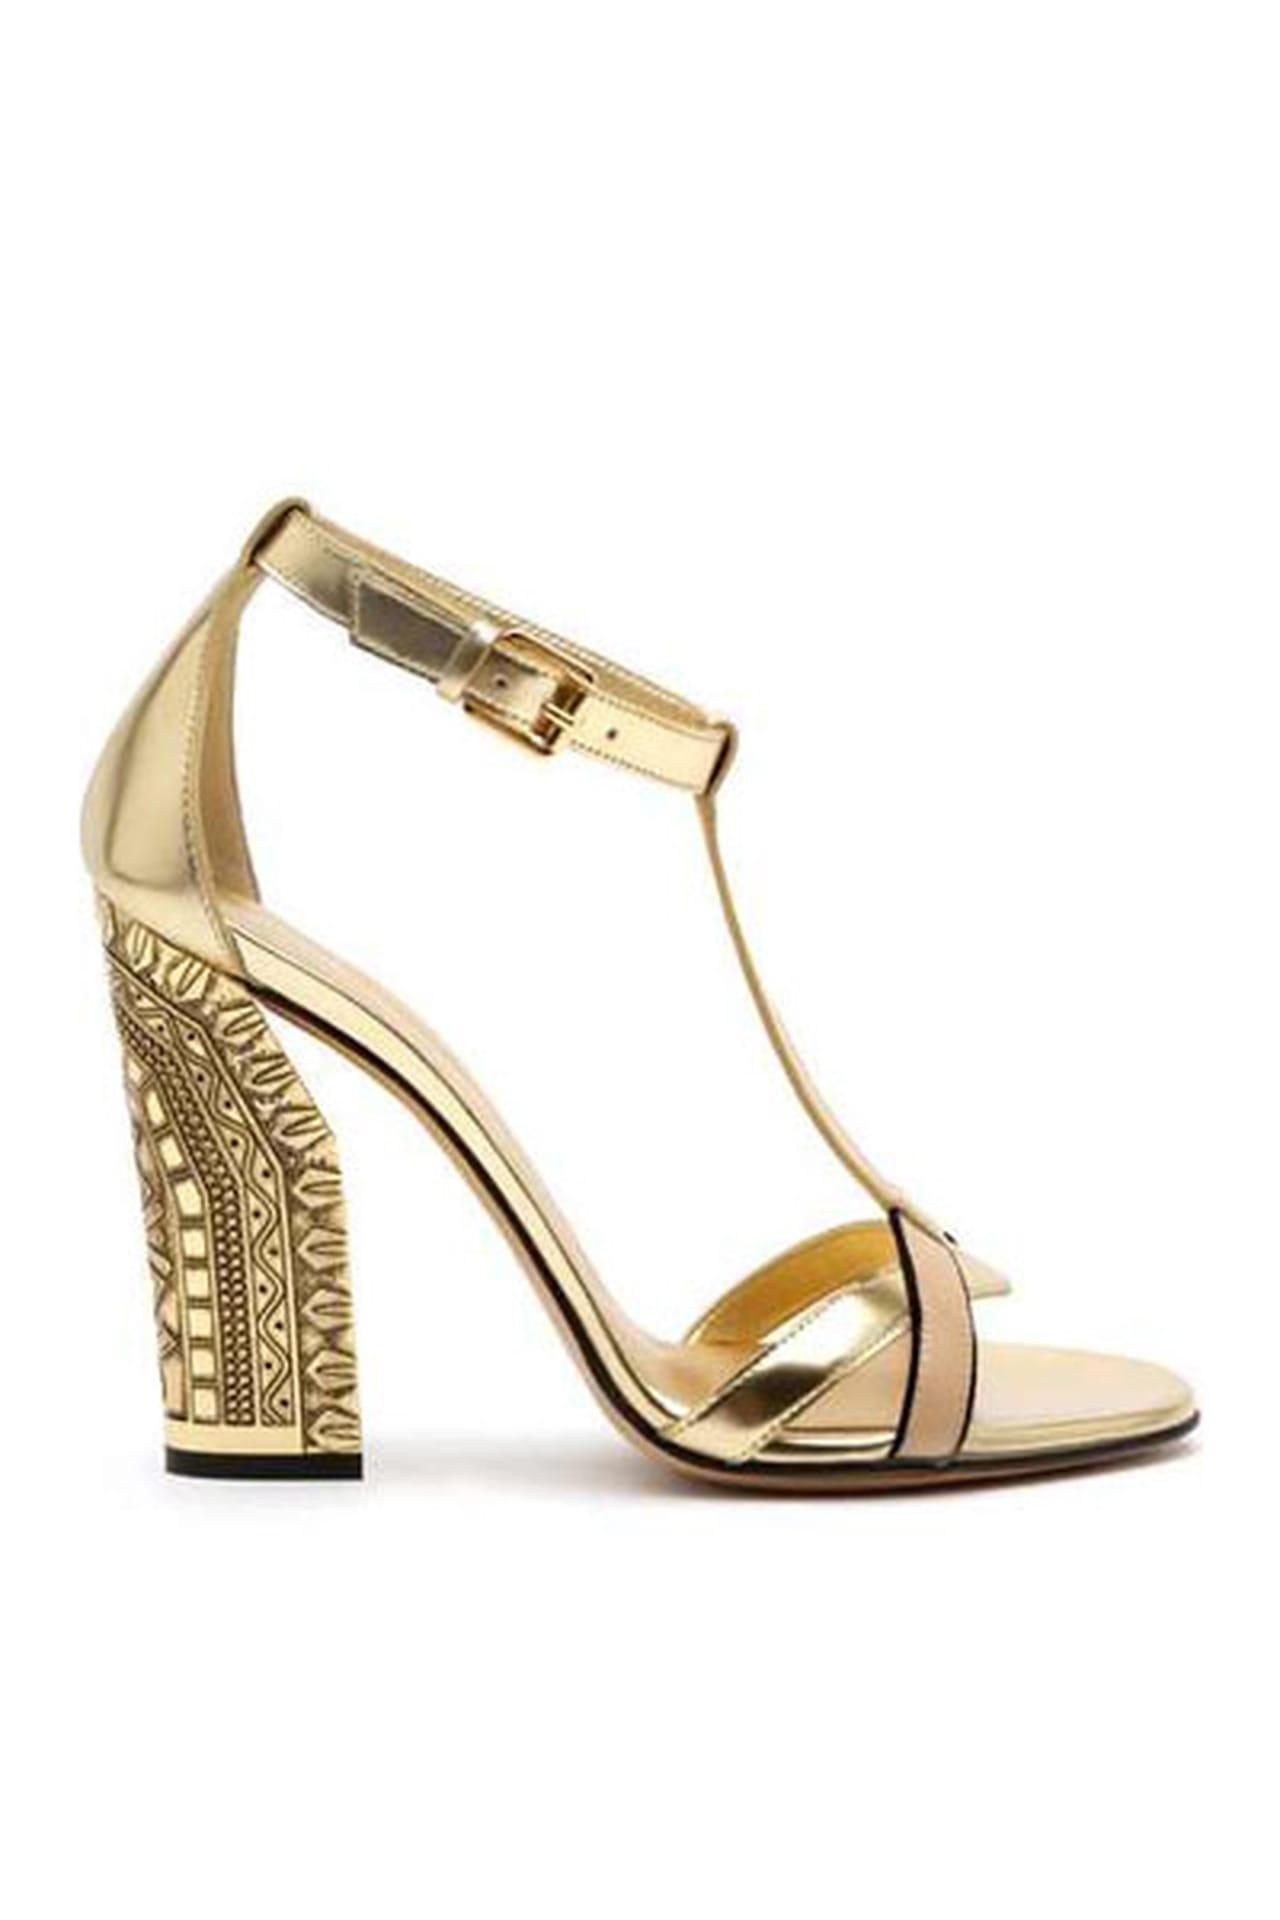 e7550ce616509 تشكيلة احذيه باللون الذهبي لعروس متألقة هذا الموسم